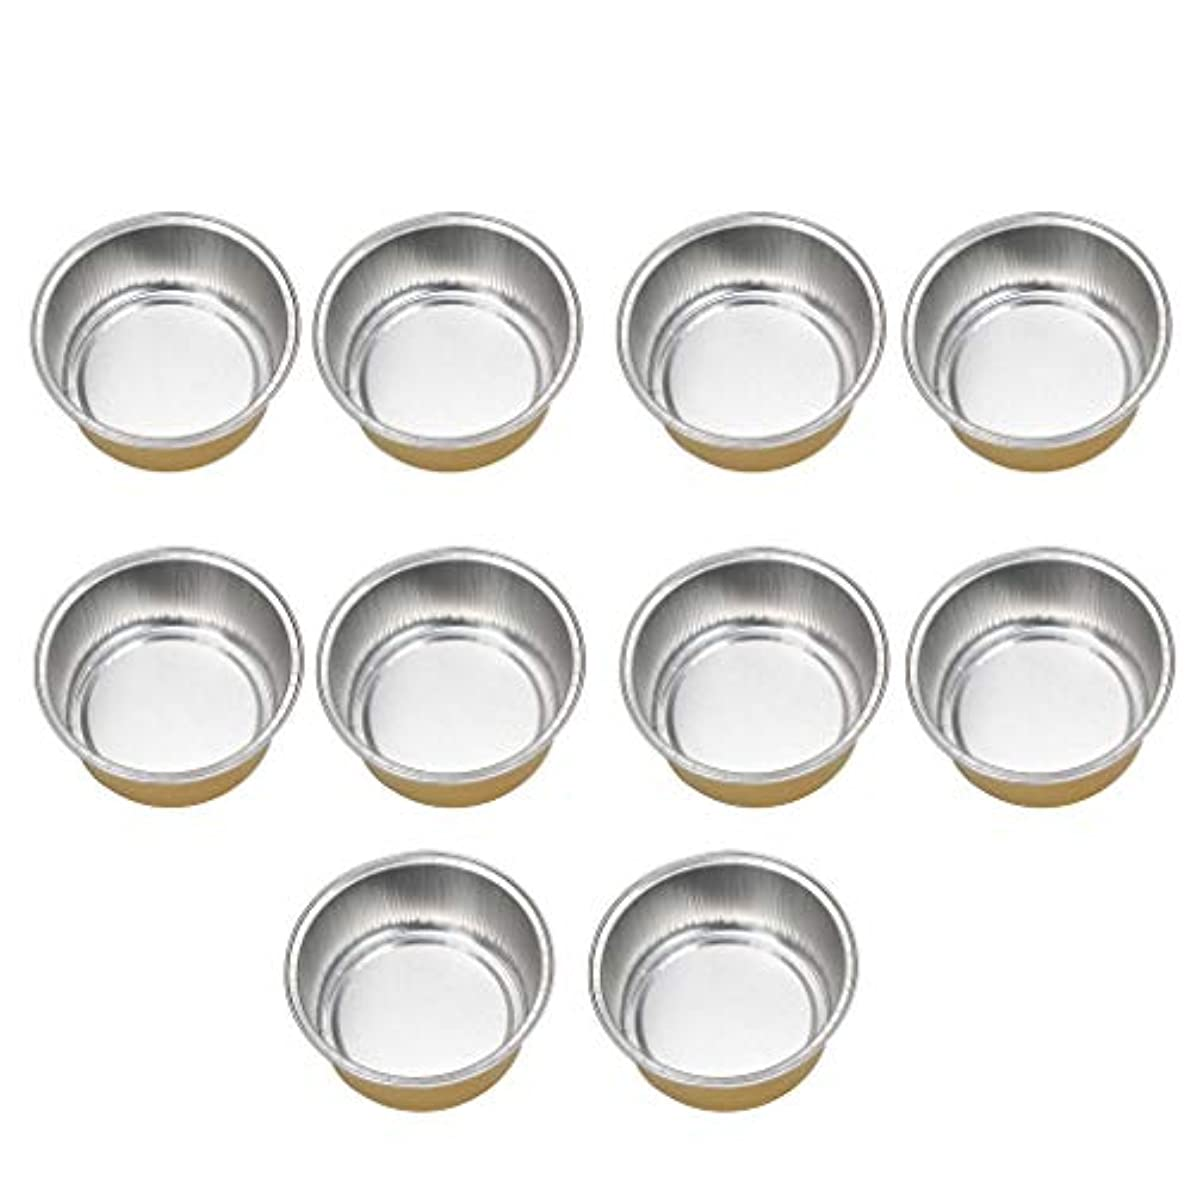 喜ぶどうしたの抽選10個入り ワックスボウル ミニボウル アルミホイルボウル ワックス豆体 溶融 衛生的 全2種類 - ゴールデン2